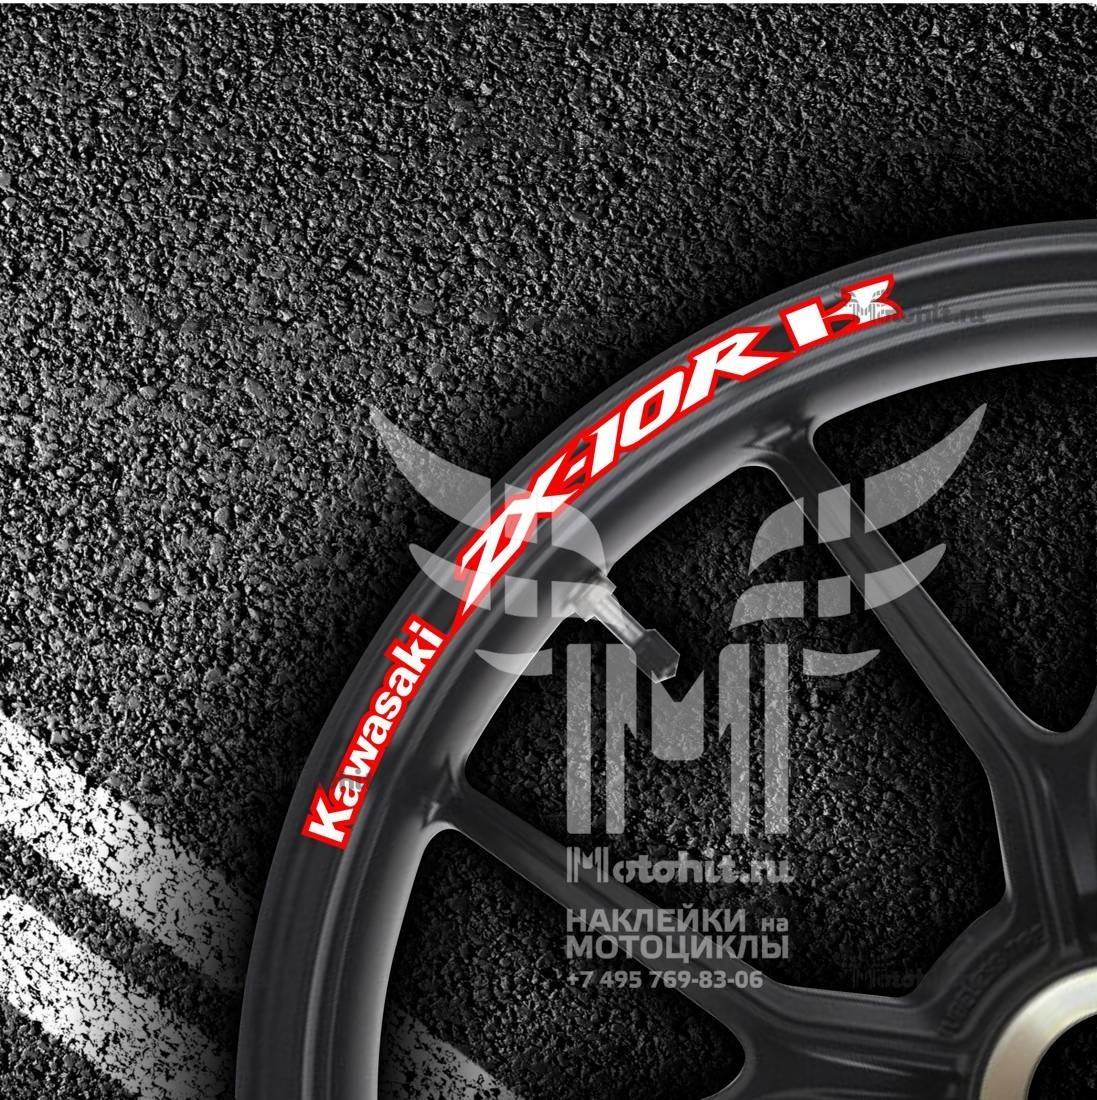 Комплект наклеек на обод колеса мотоцикла KAWASAKI ZX-10R-K